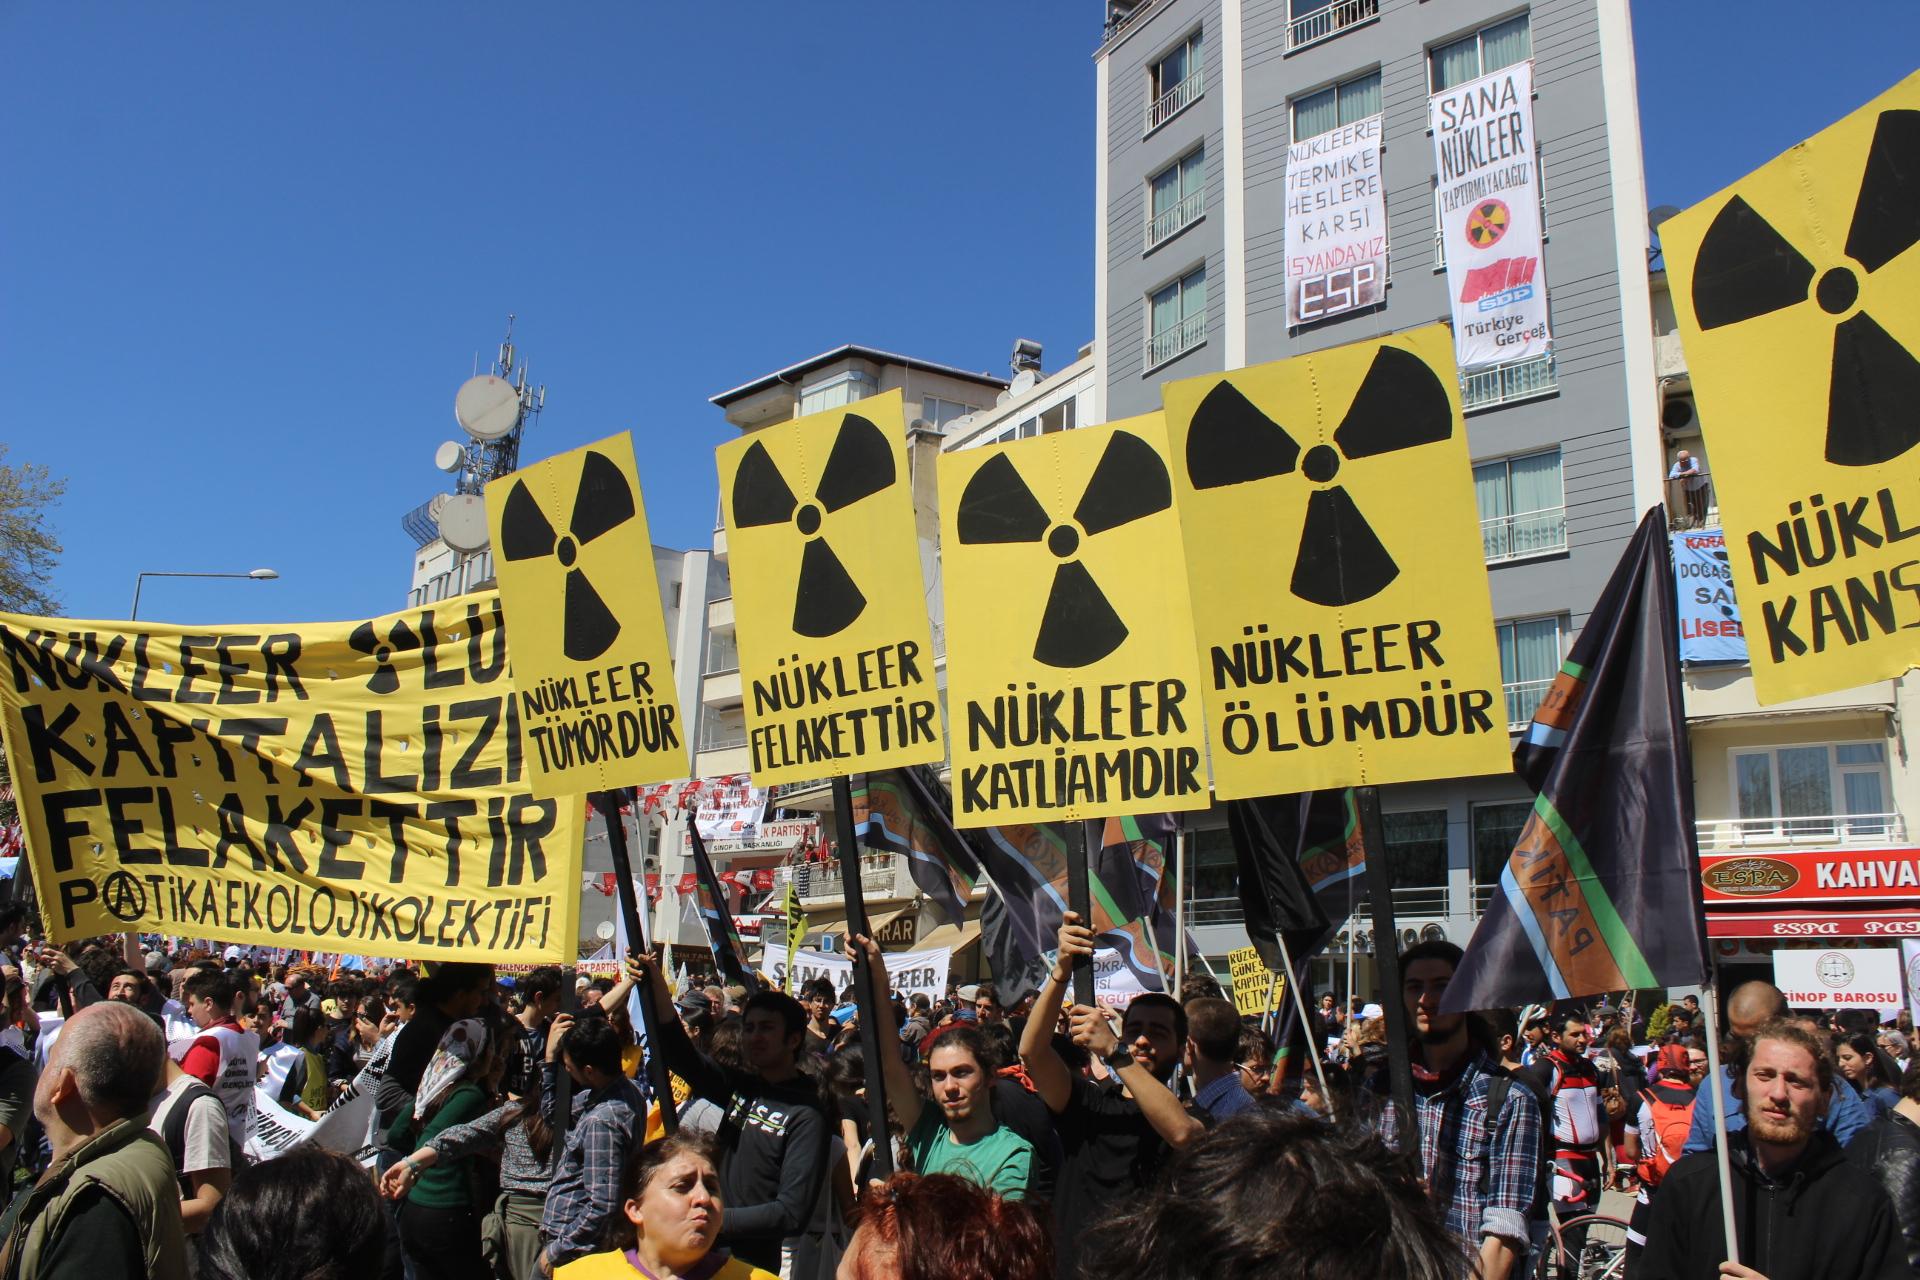 Nükleer Ölüm, Kapitalizm Felakettir!